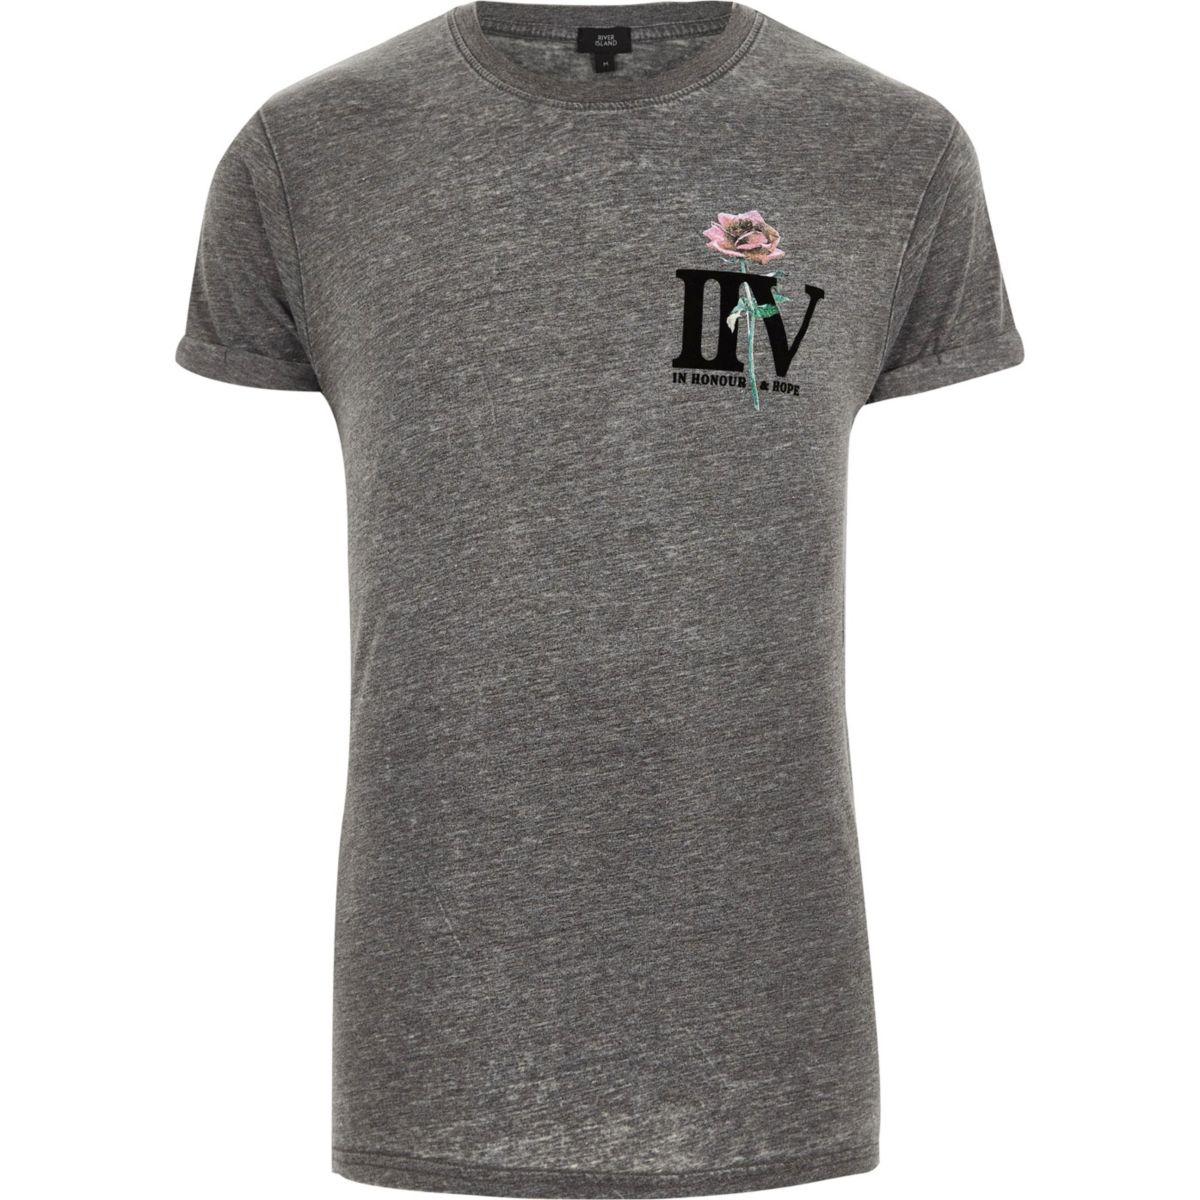 T 'IIV' Grey rose print shirt slim fit PAq8X0wq